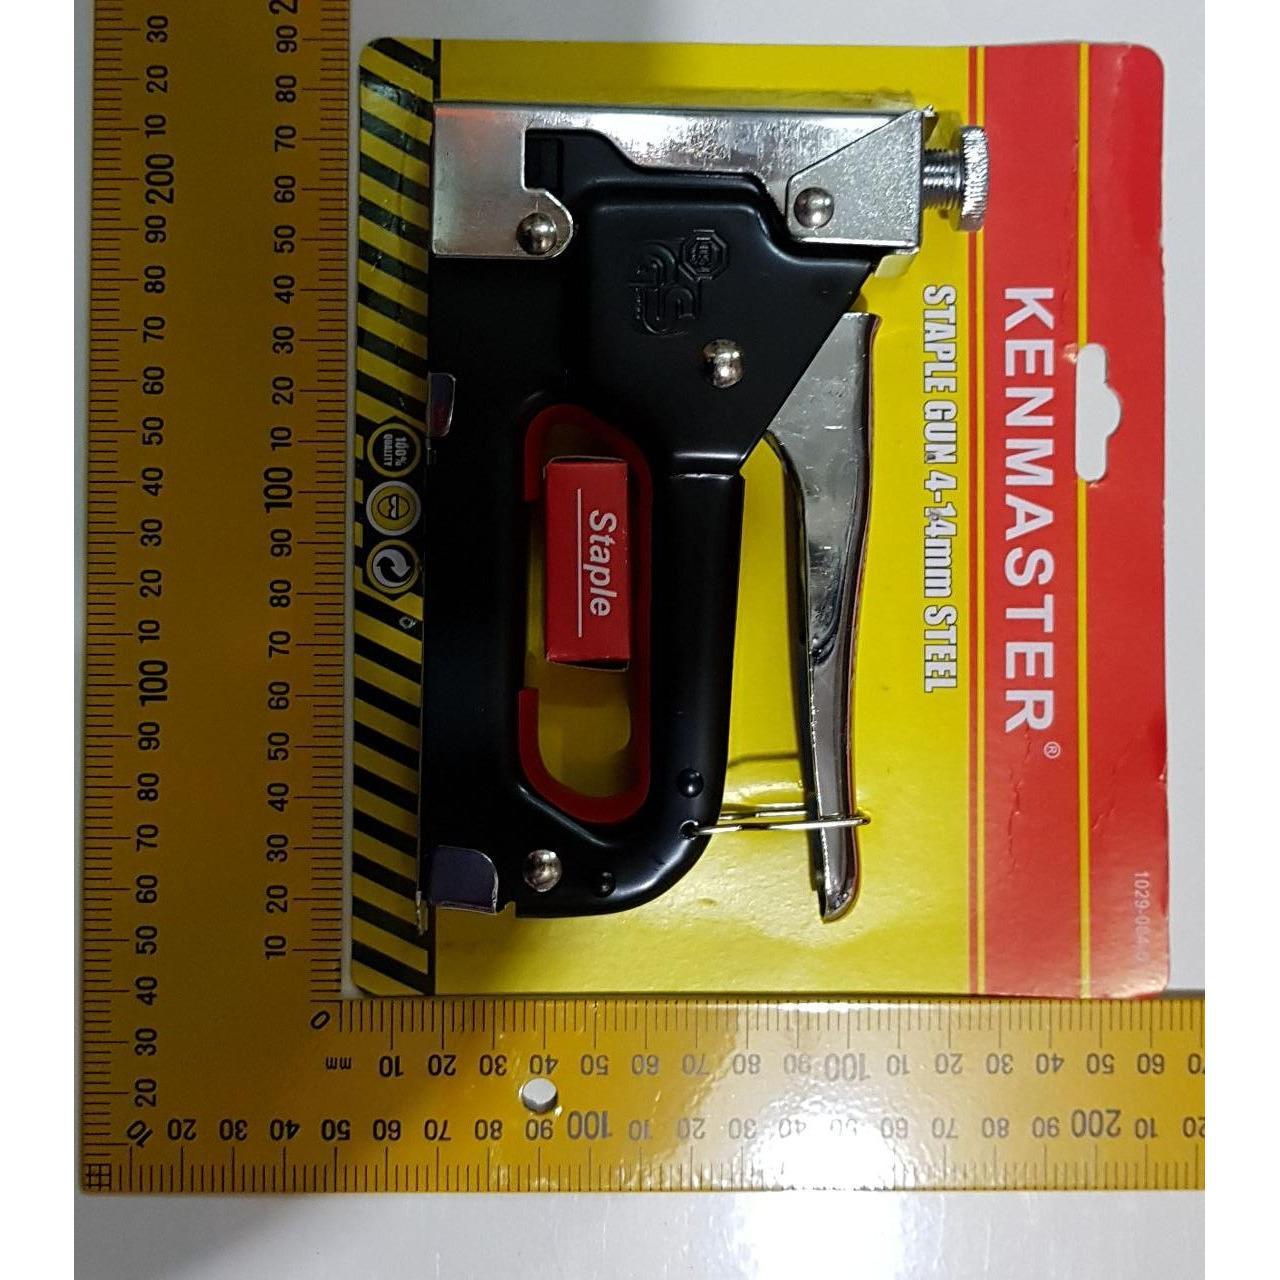 Toko Besar Kenmaster Staples Tembak Gun Staple Kenmaster 4 14 Mm Jok Online Di Jawa Barat